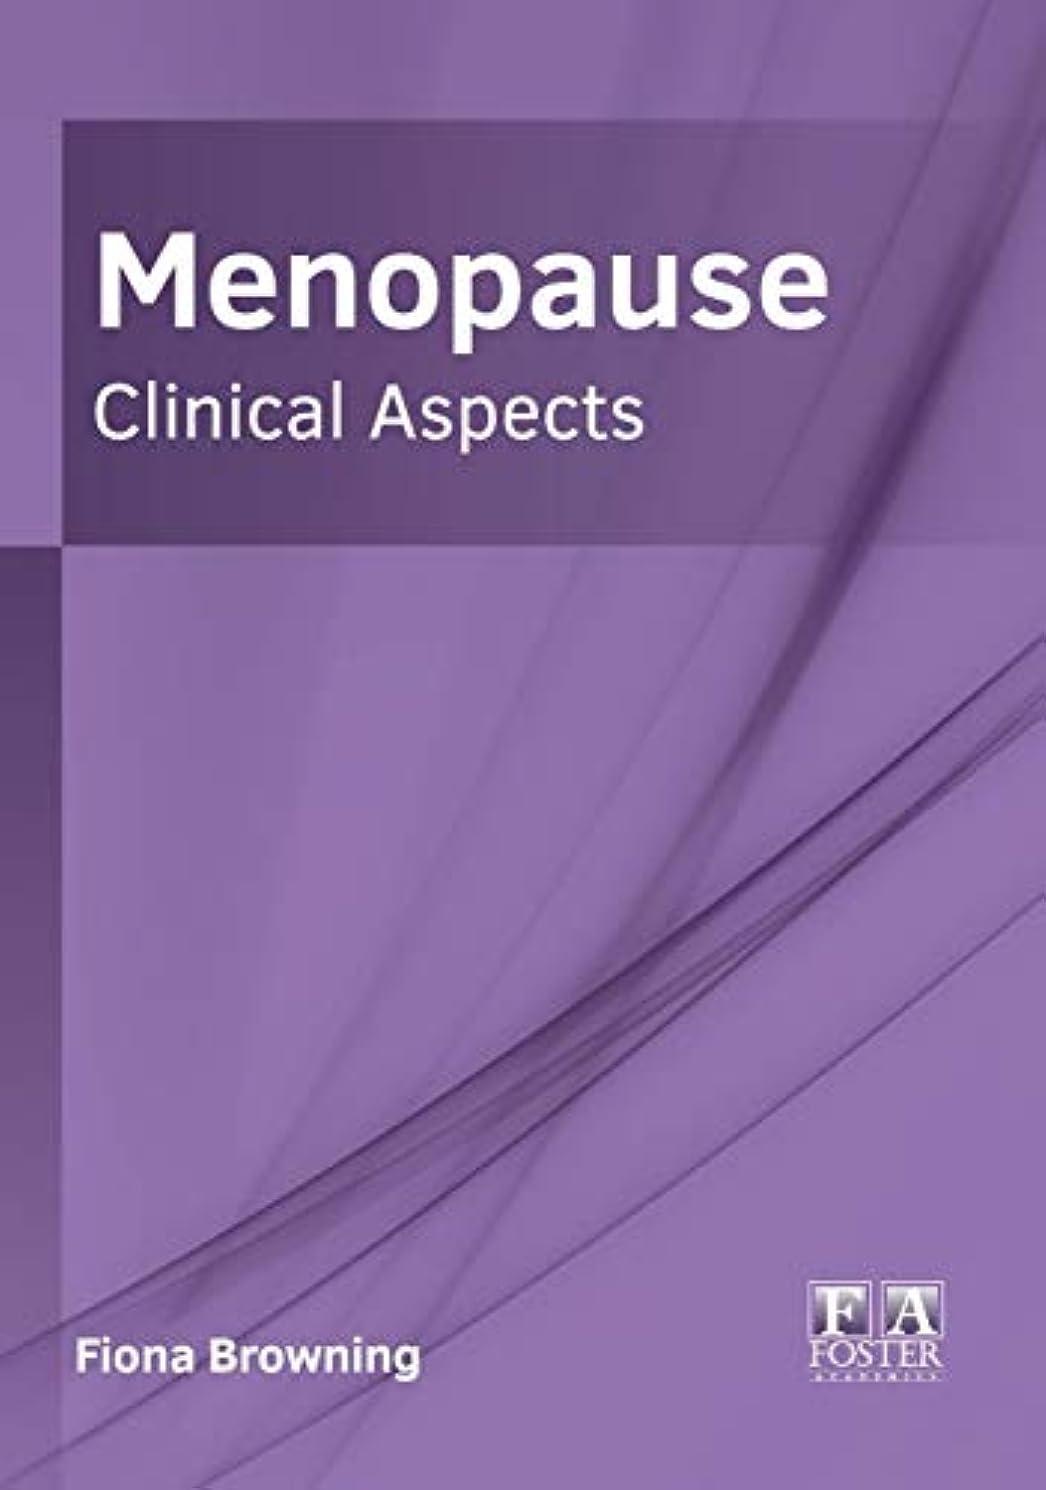 減衰暴動耐えられるMenopause: Clinical Aspects